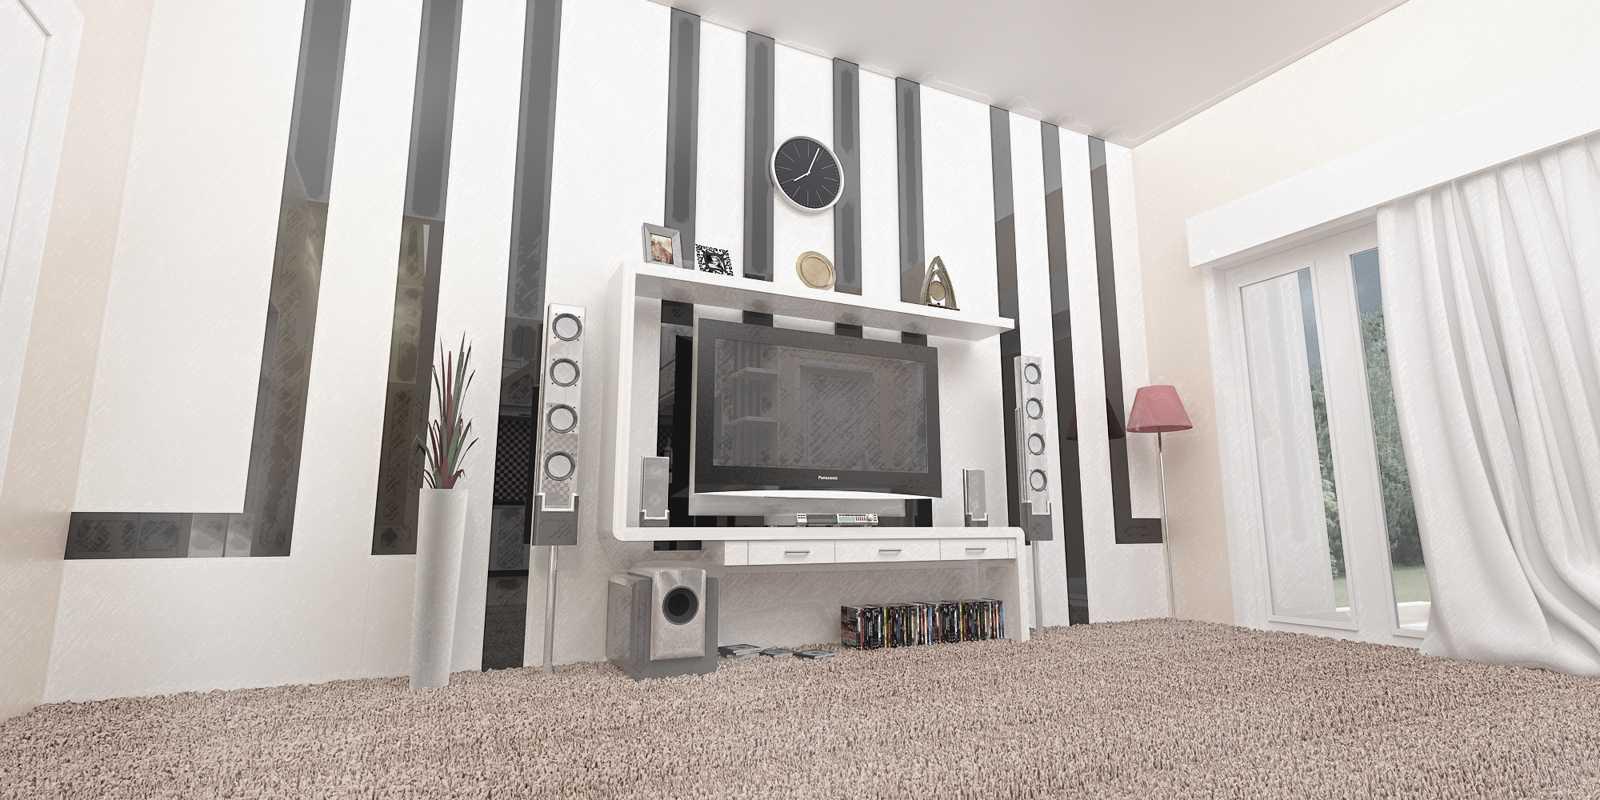 Studio Besar Interior Rumah Beji Beji, Kota Depok, Jawa Barat, Indonesia Depok, Jawa Barat Desain-Interior-Ruang-Keluarga-Rumah-Beji   43953